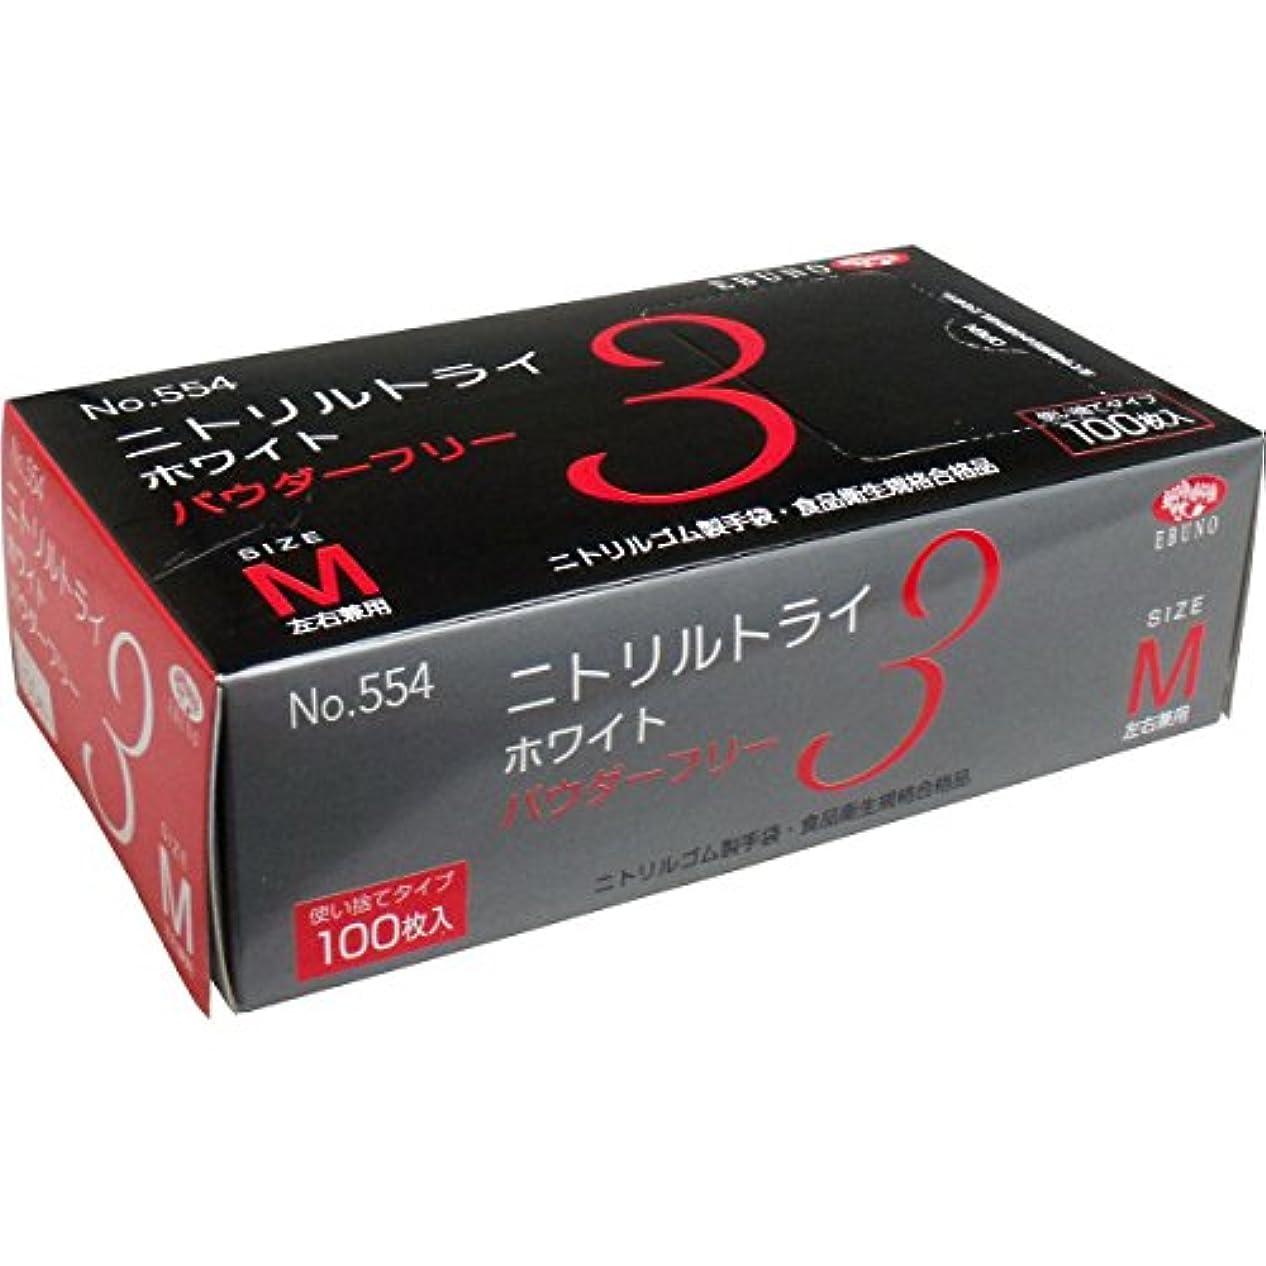 二評価可能インフルエンザニトリルトライ3 手袋 ホワイト パウダーフリー Mサイズ 100枚入×2個セット